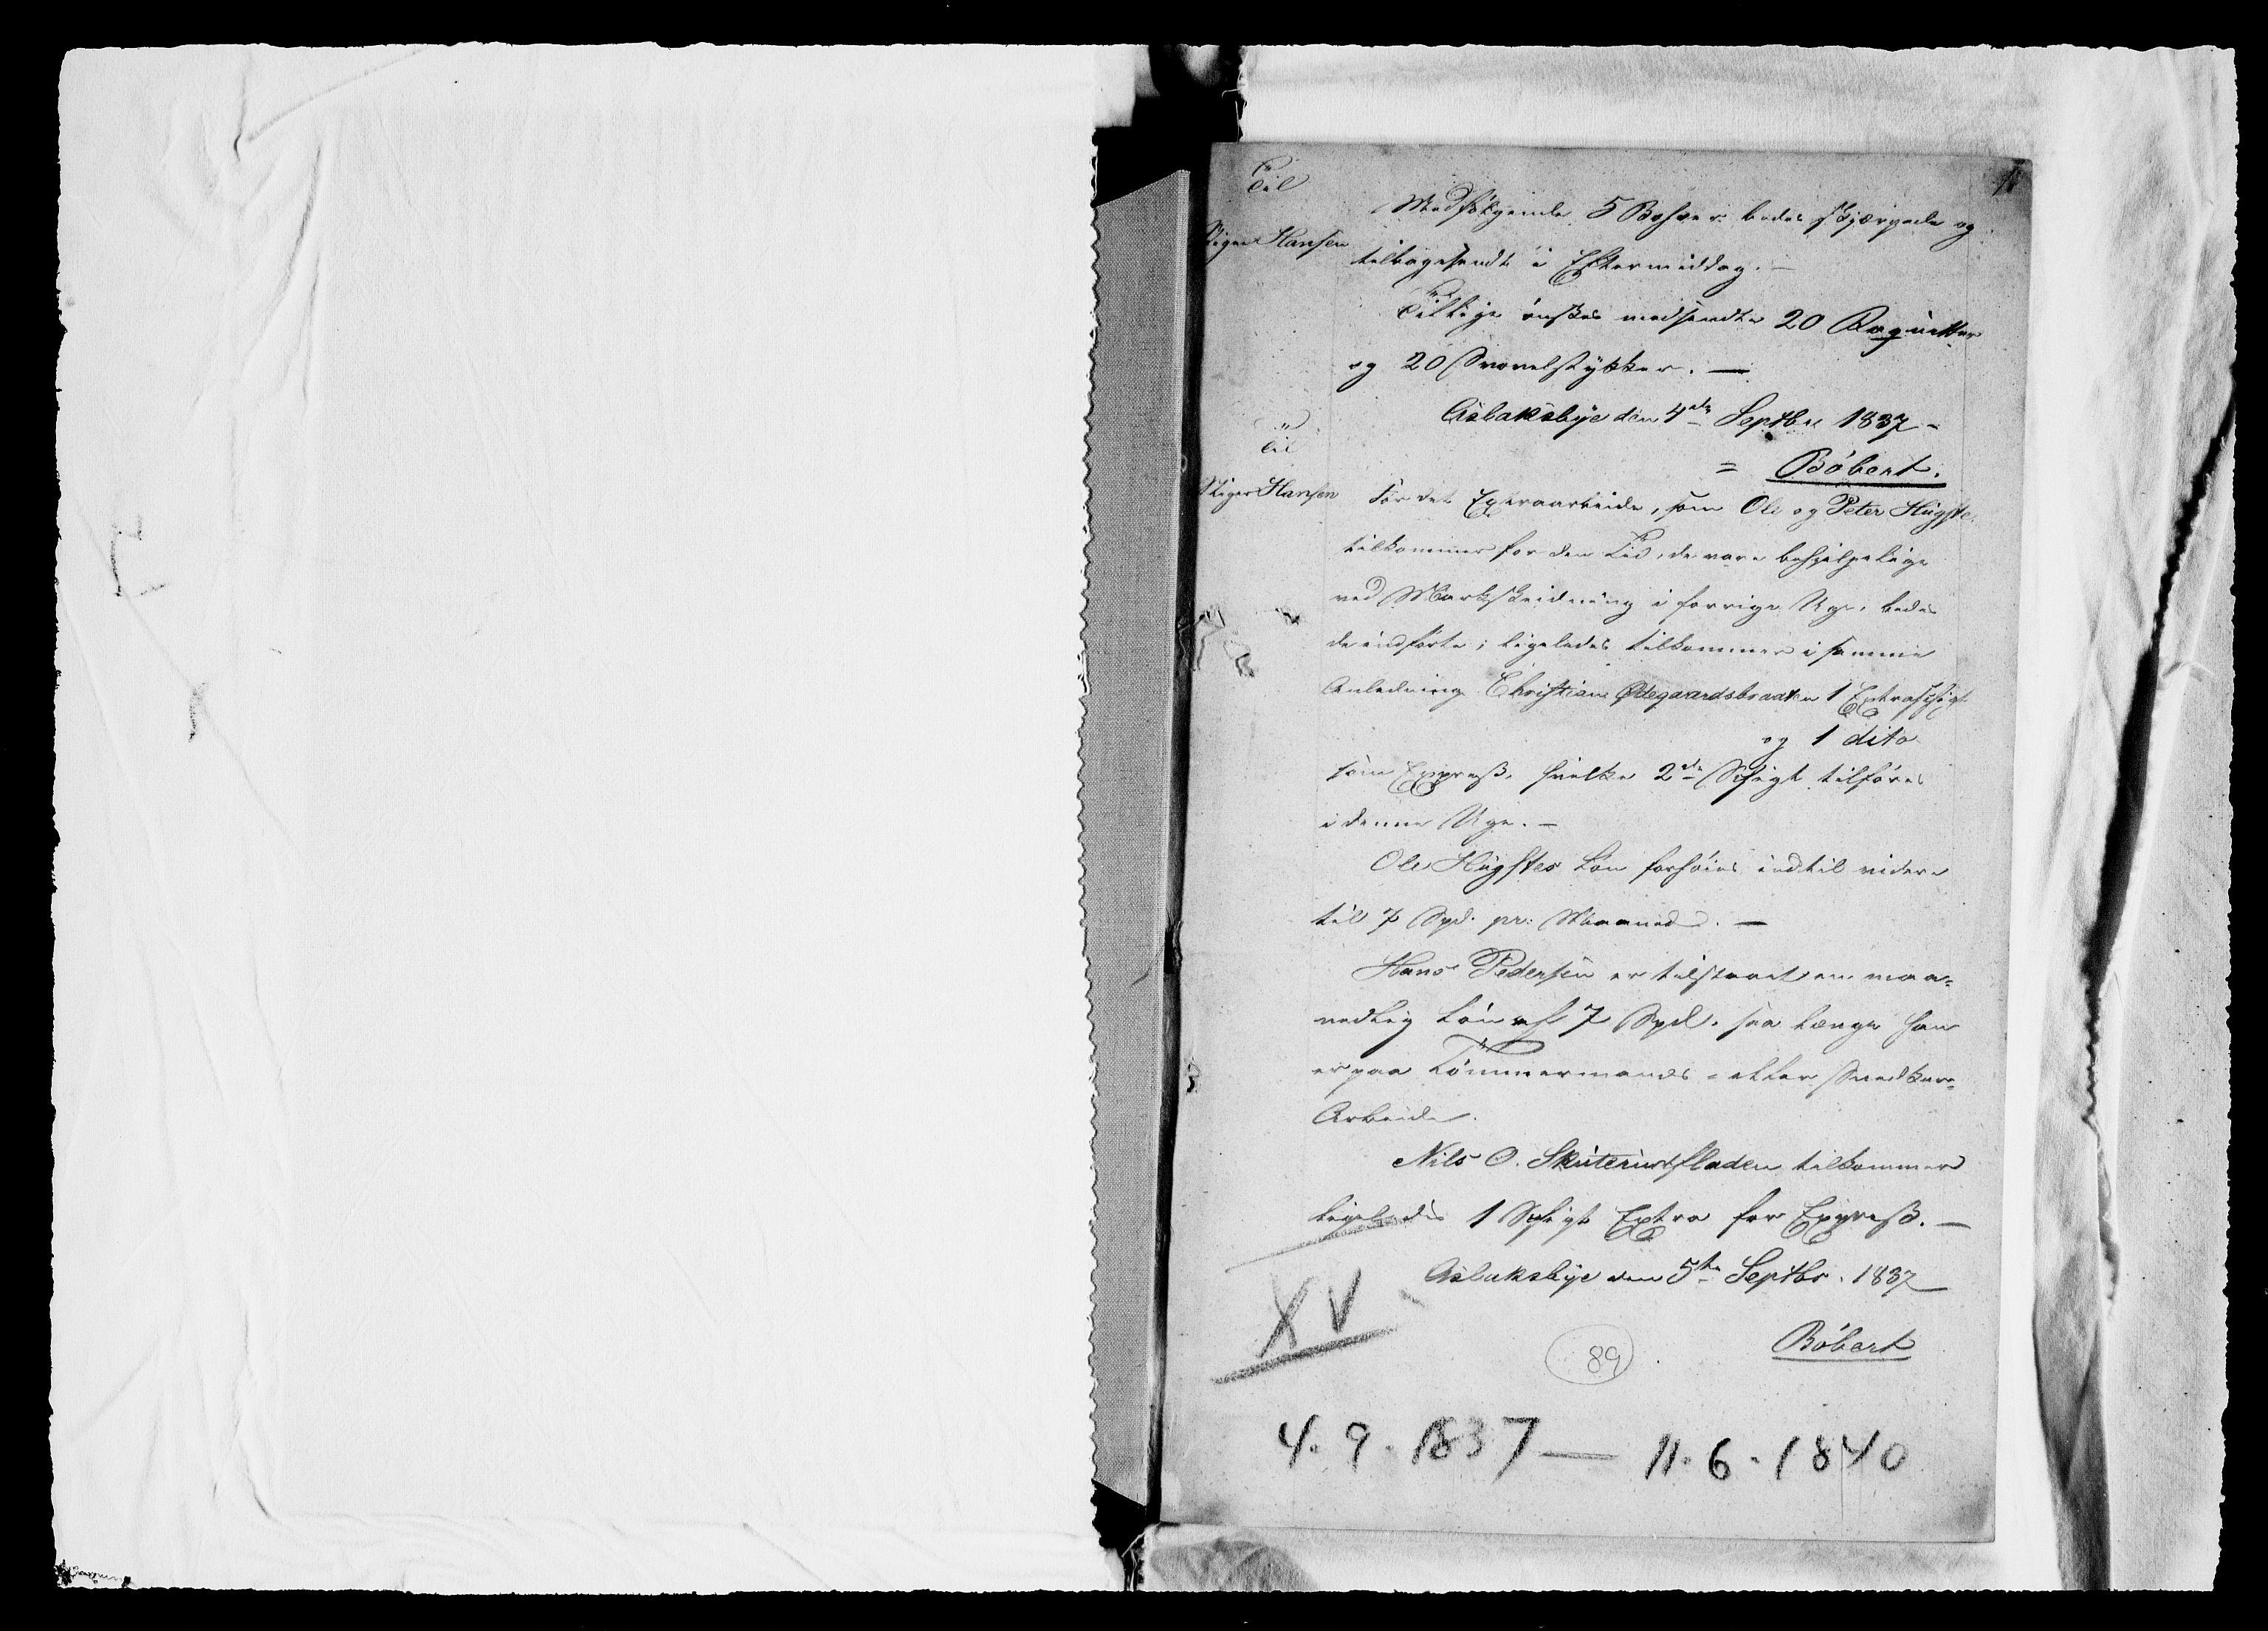 RA, Modums Blaafarveværk, G/Gb/L0089, 1837-1840, s. 2